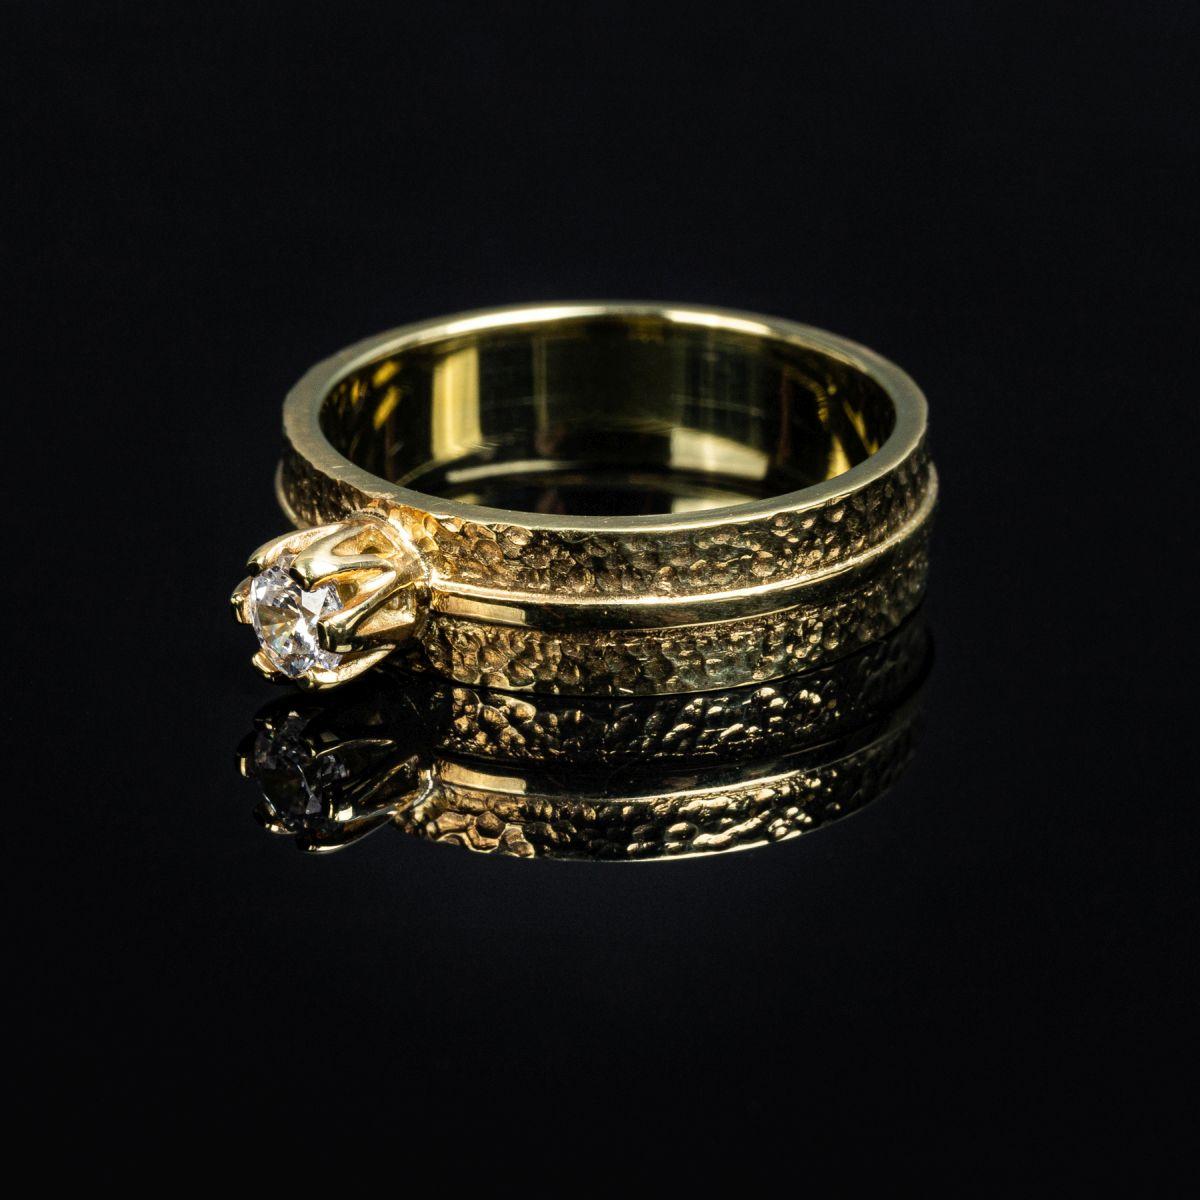 Fotografia produktowa - zdjęcie pierścionka.